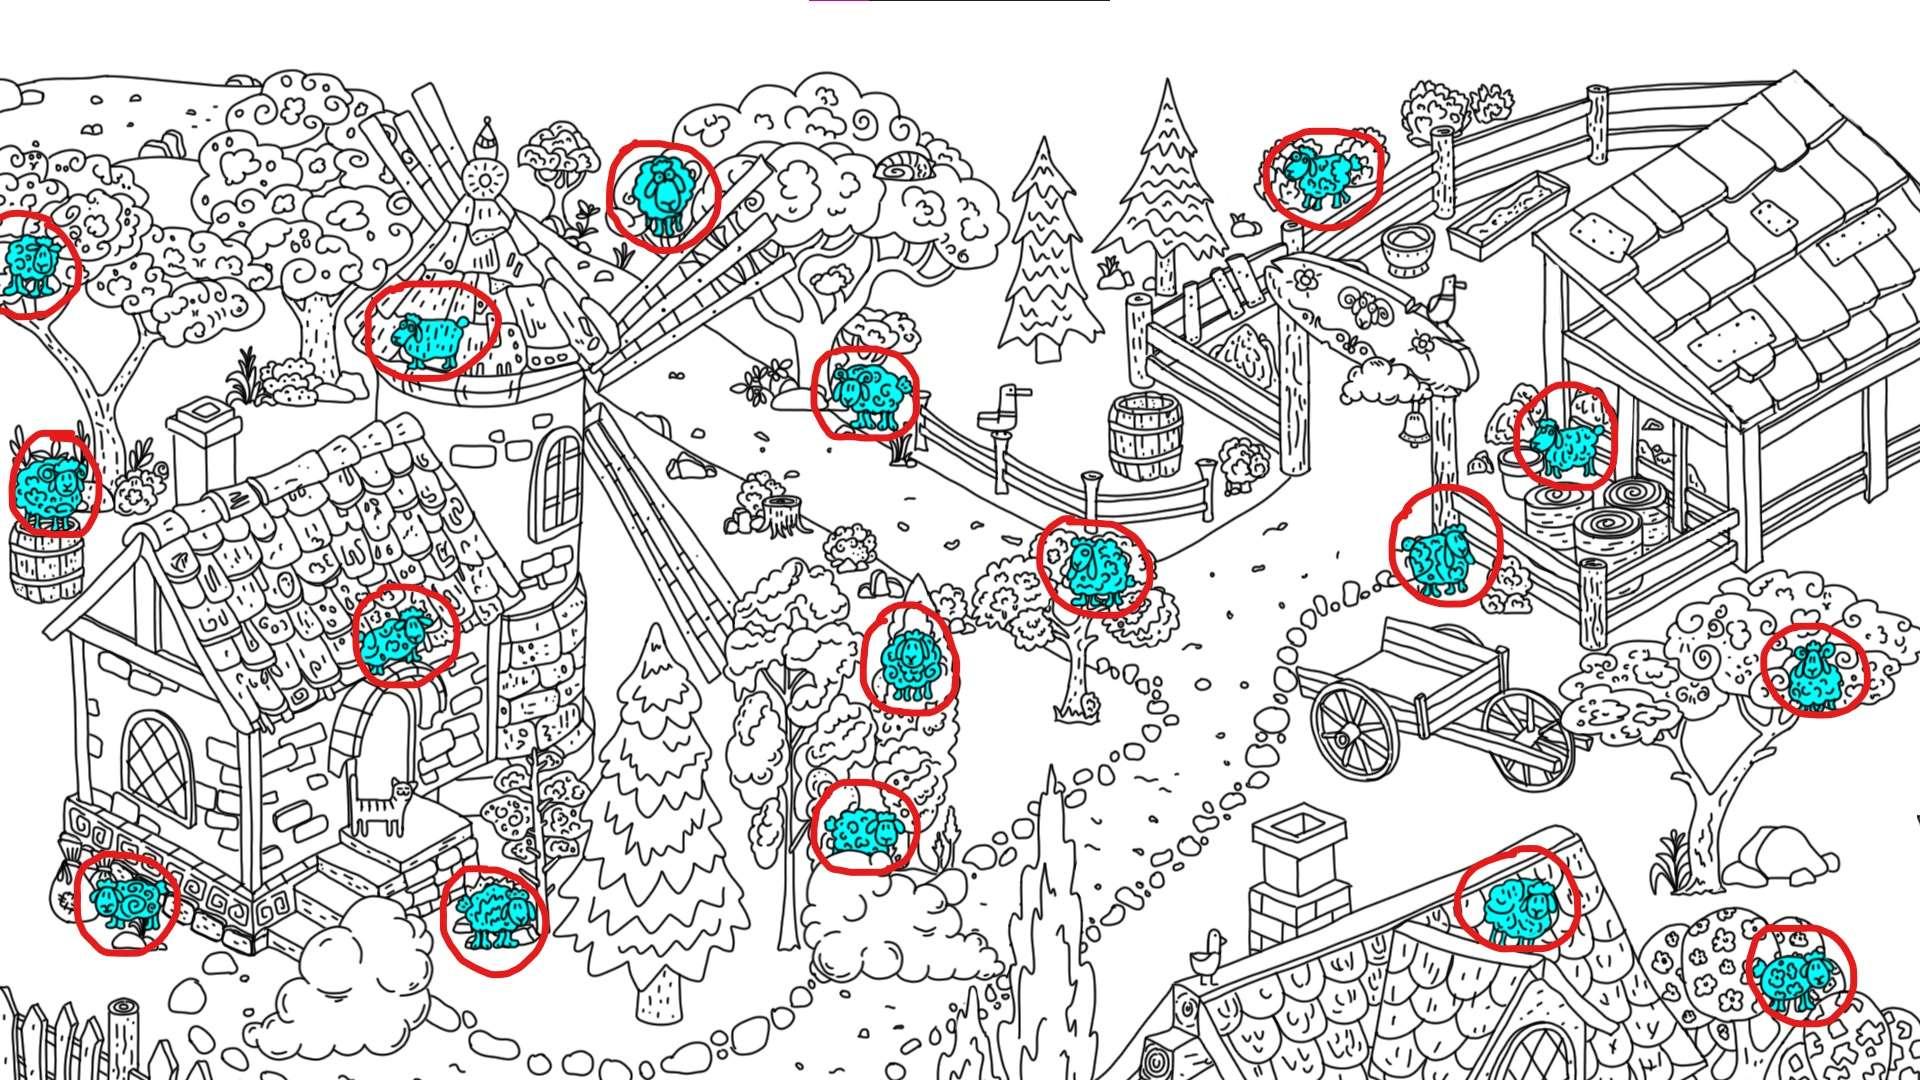 100 hidden rams - All Hidden Ram Location - Map Guide - all rams - BAD598A